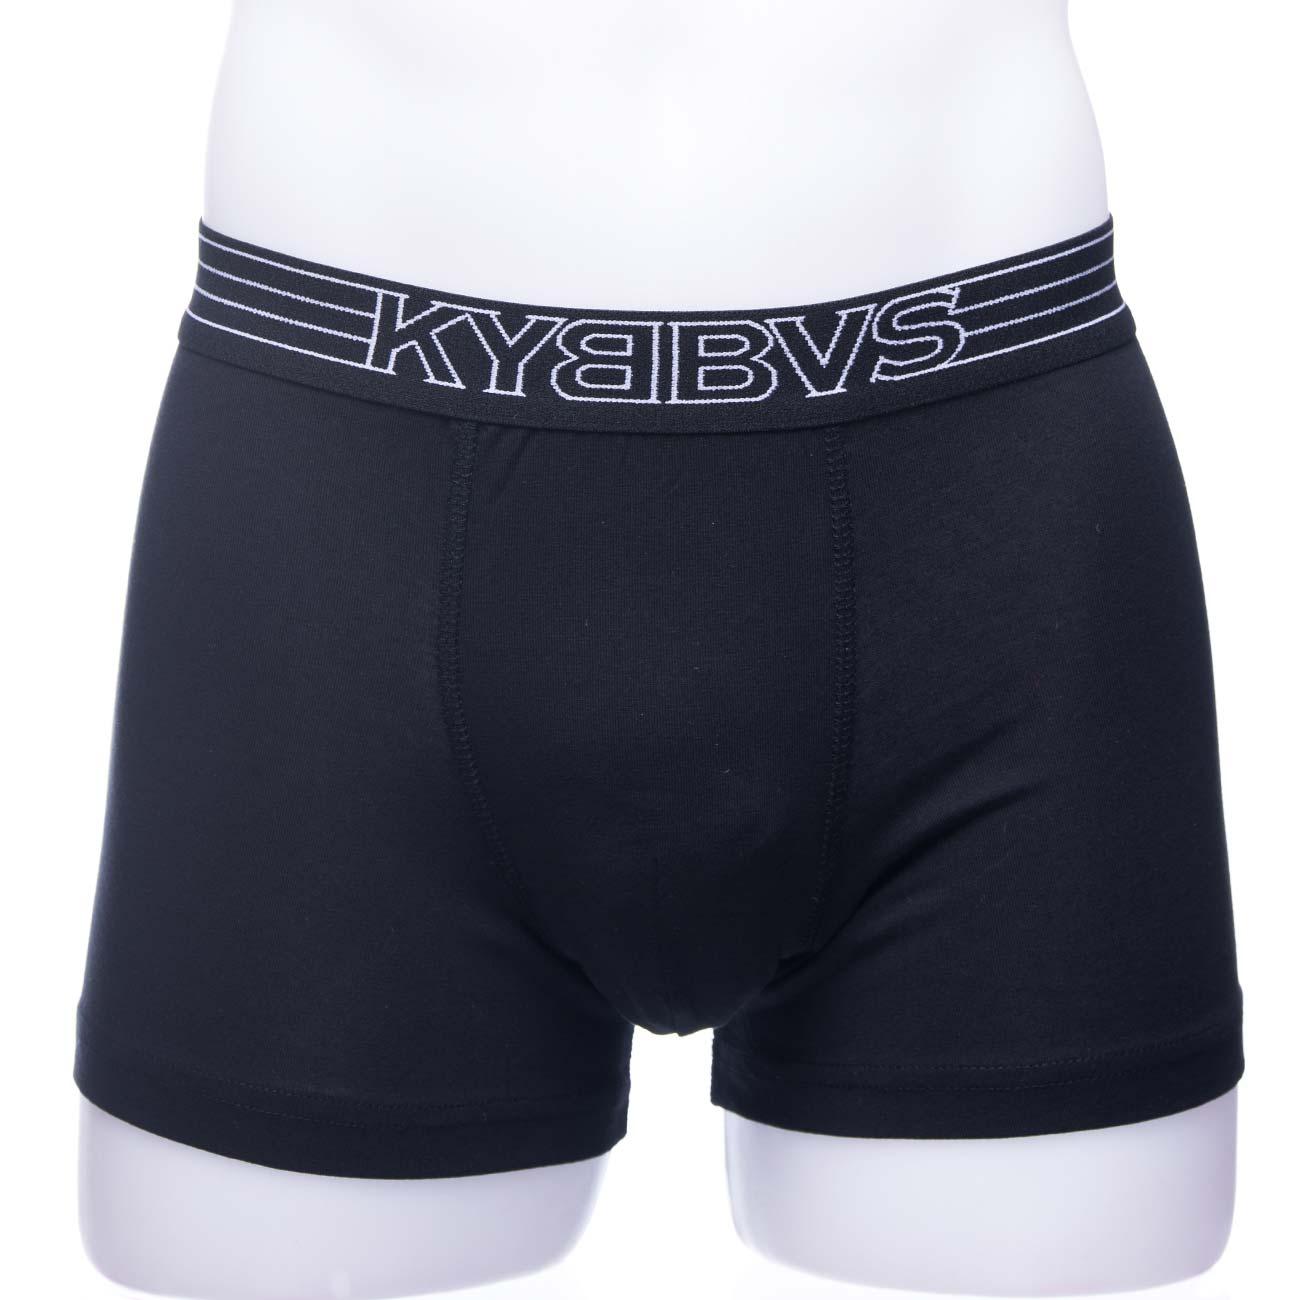 Ανδρικό boxer Kybbus 906 06 κόκκινο